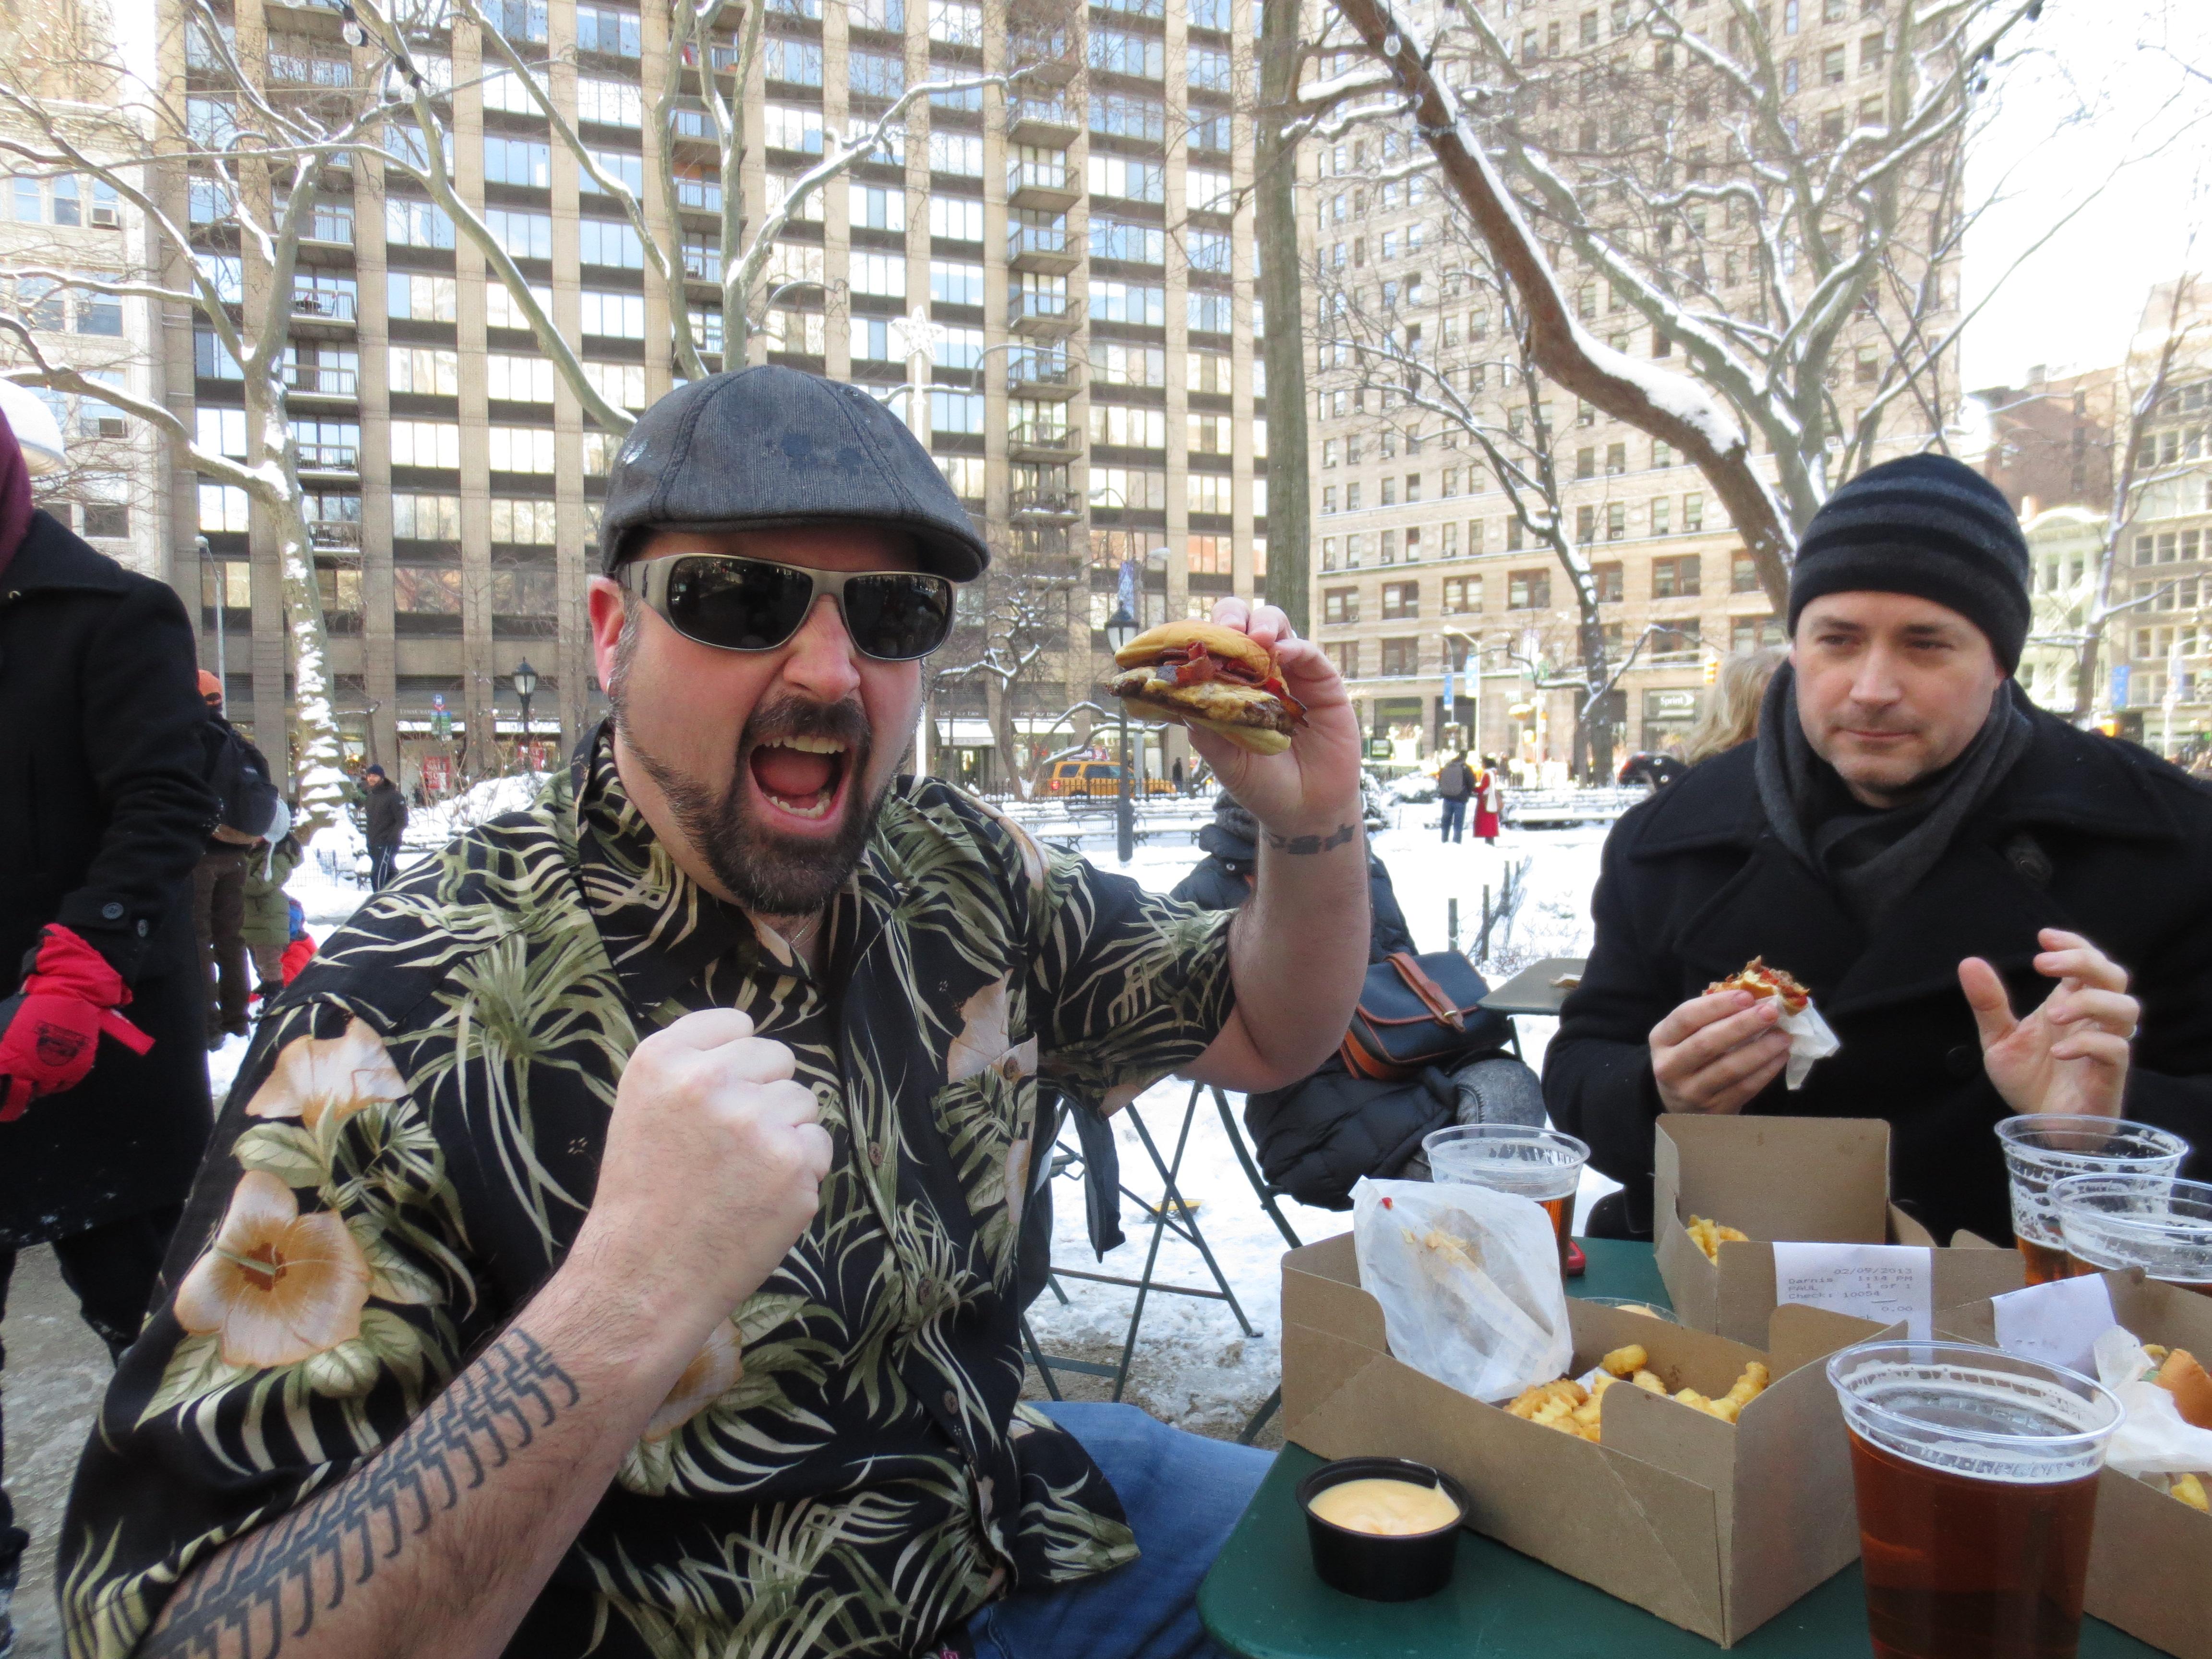 Rev Ciancio Burger Conquest Polar Brrrger Club